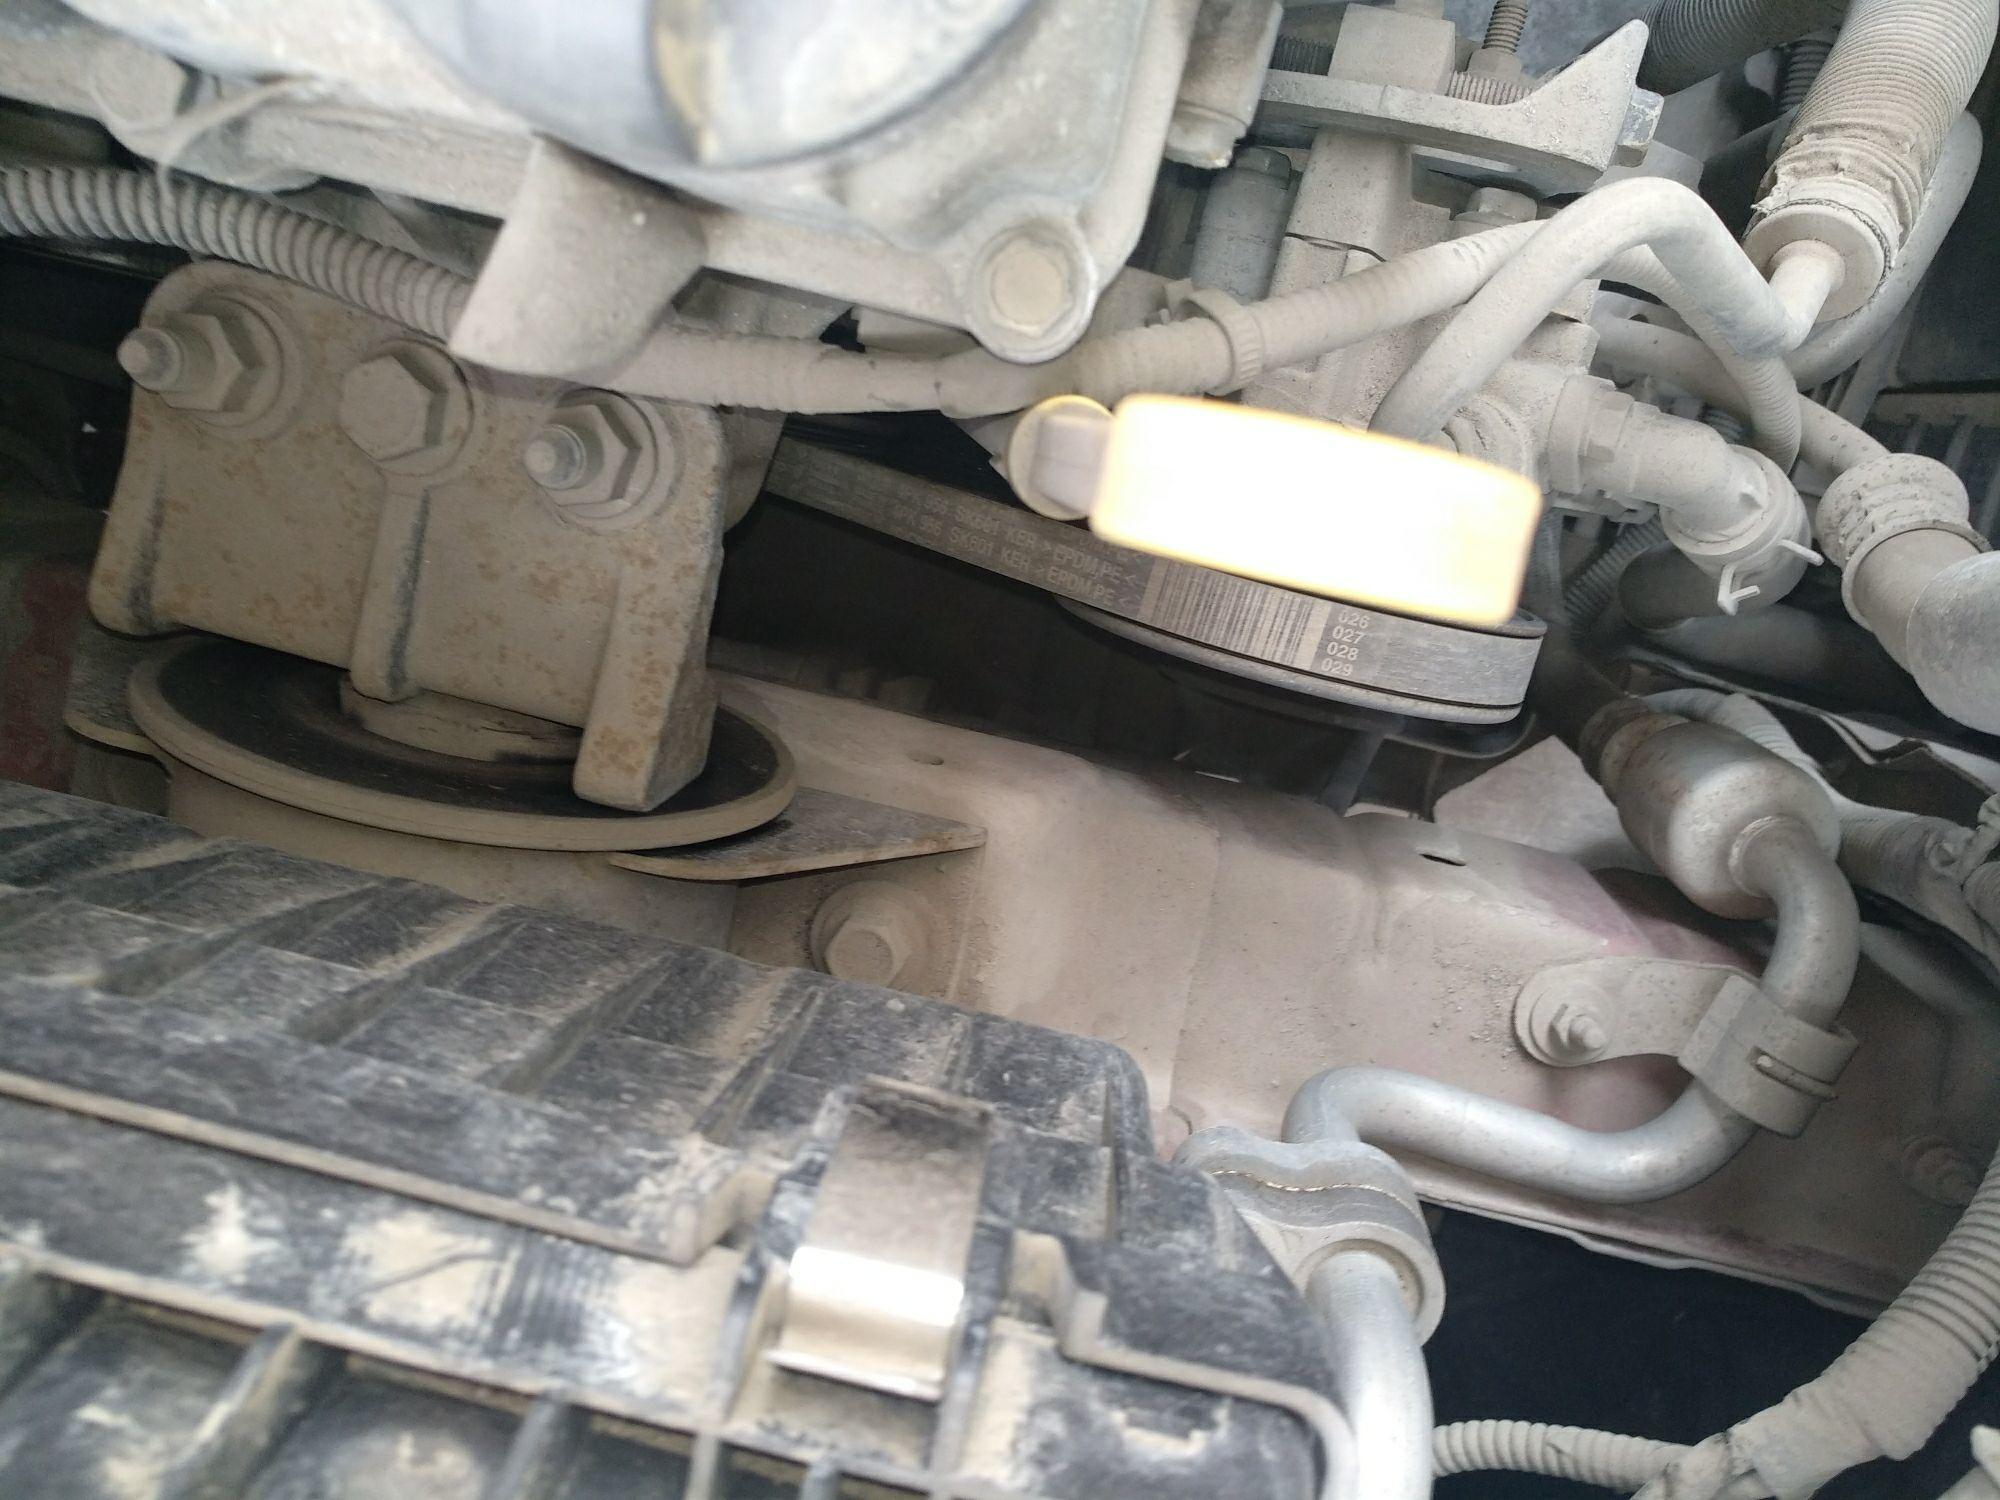 雪佛兰赛欧 2010款 三厢 1.2l 手动温馨版